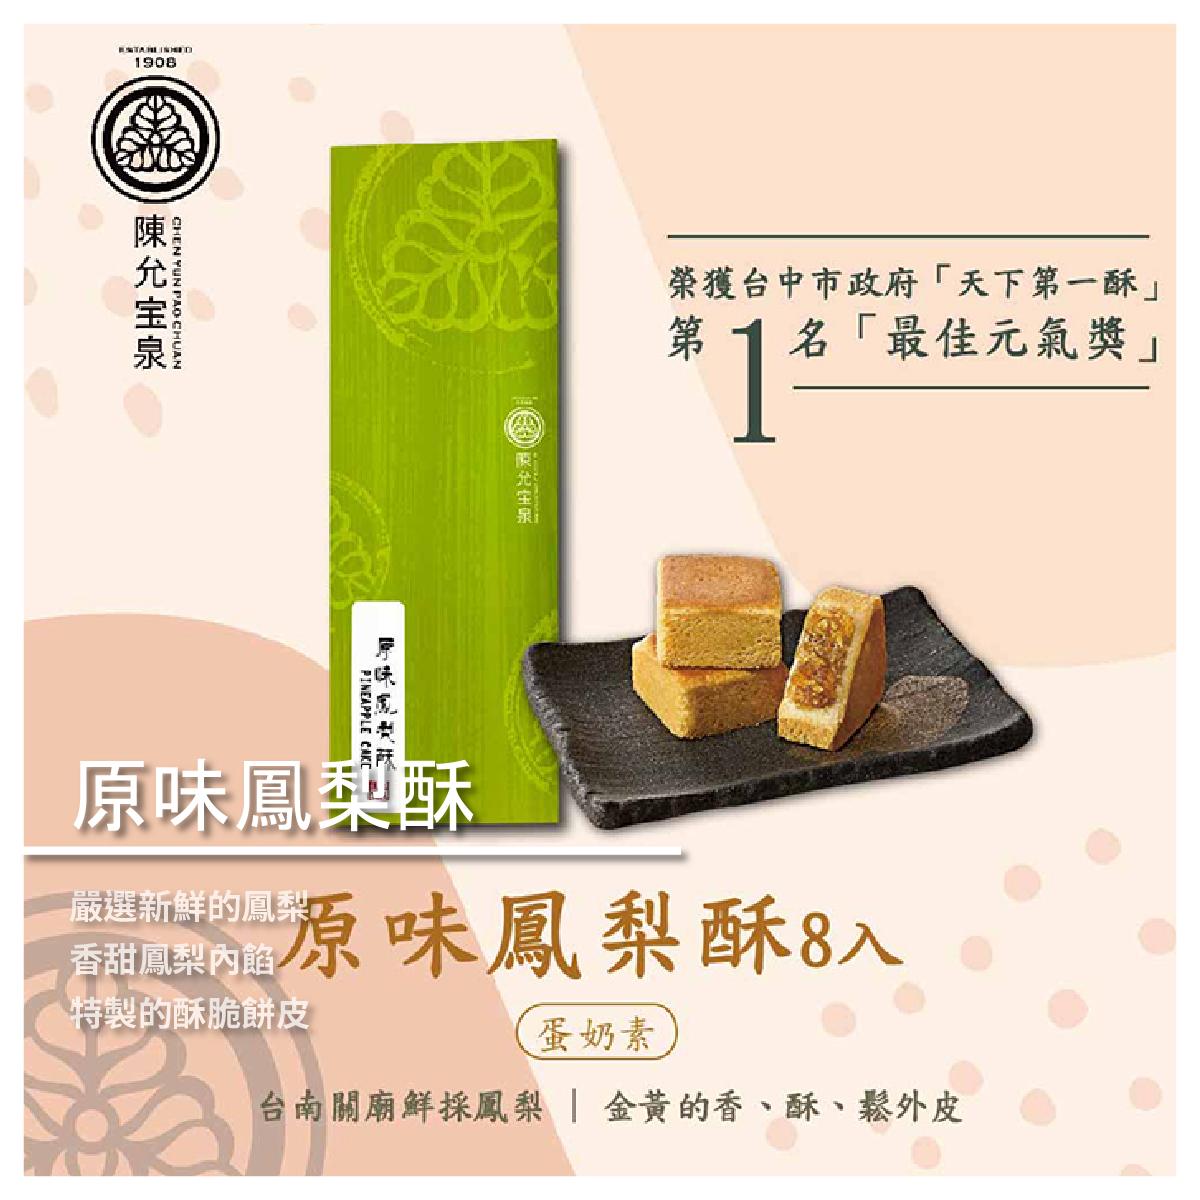 【陳允寶泉】原味鳳梨酥8入/盒